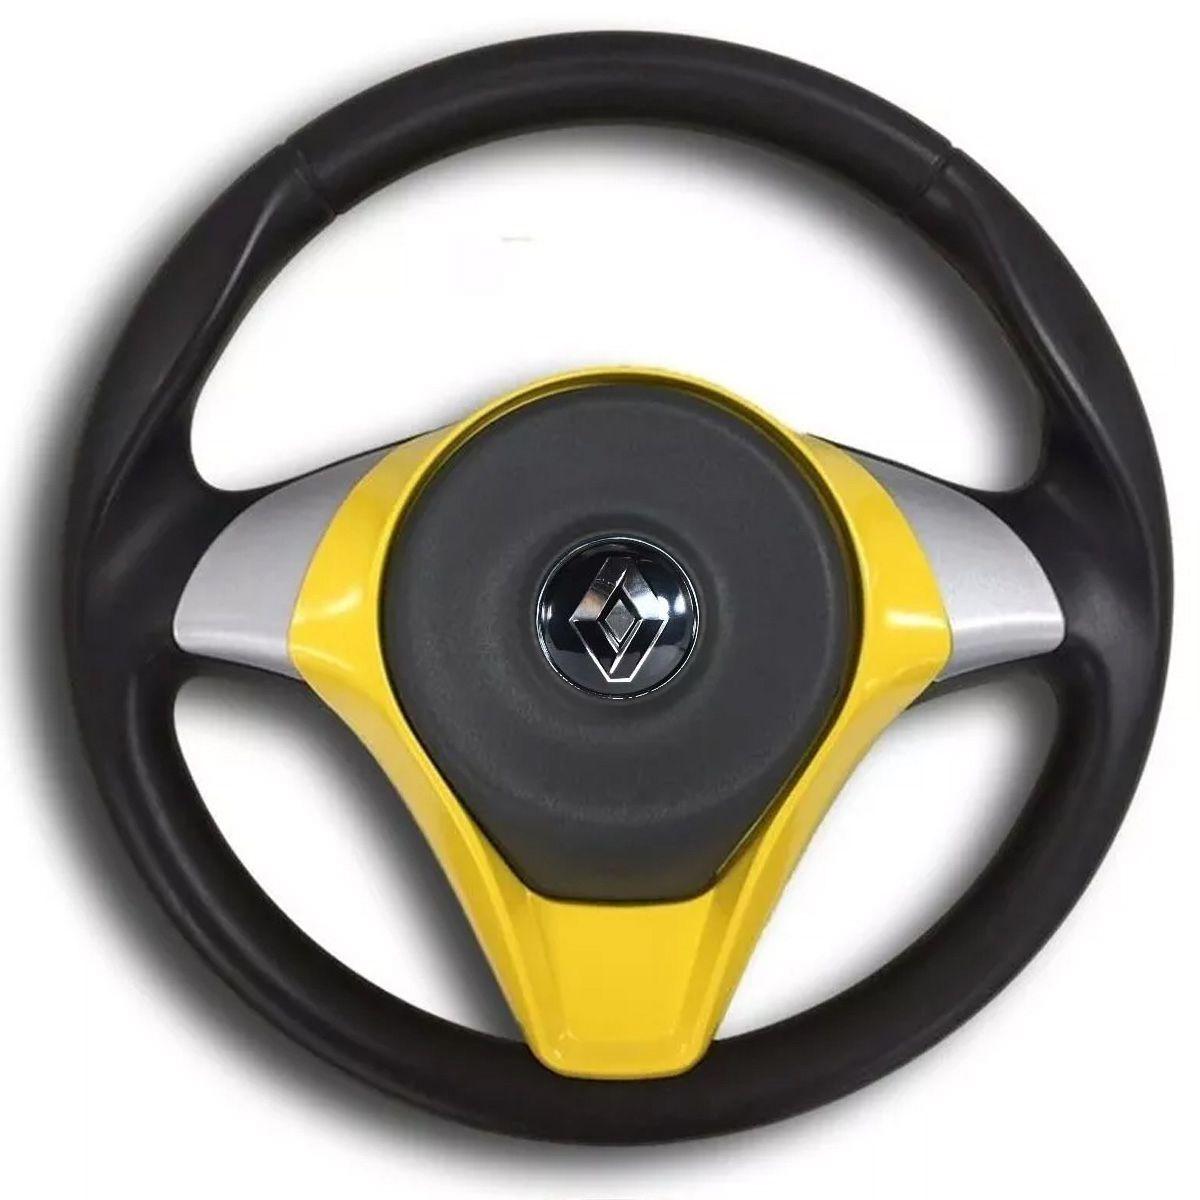 Volante Esportivo Palio Sporting Renault Clio Logan Sandero Tampa Acionador de Buzina + Cubo